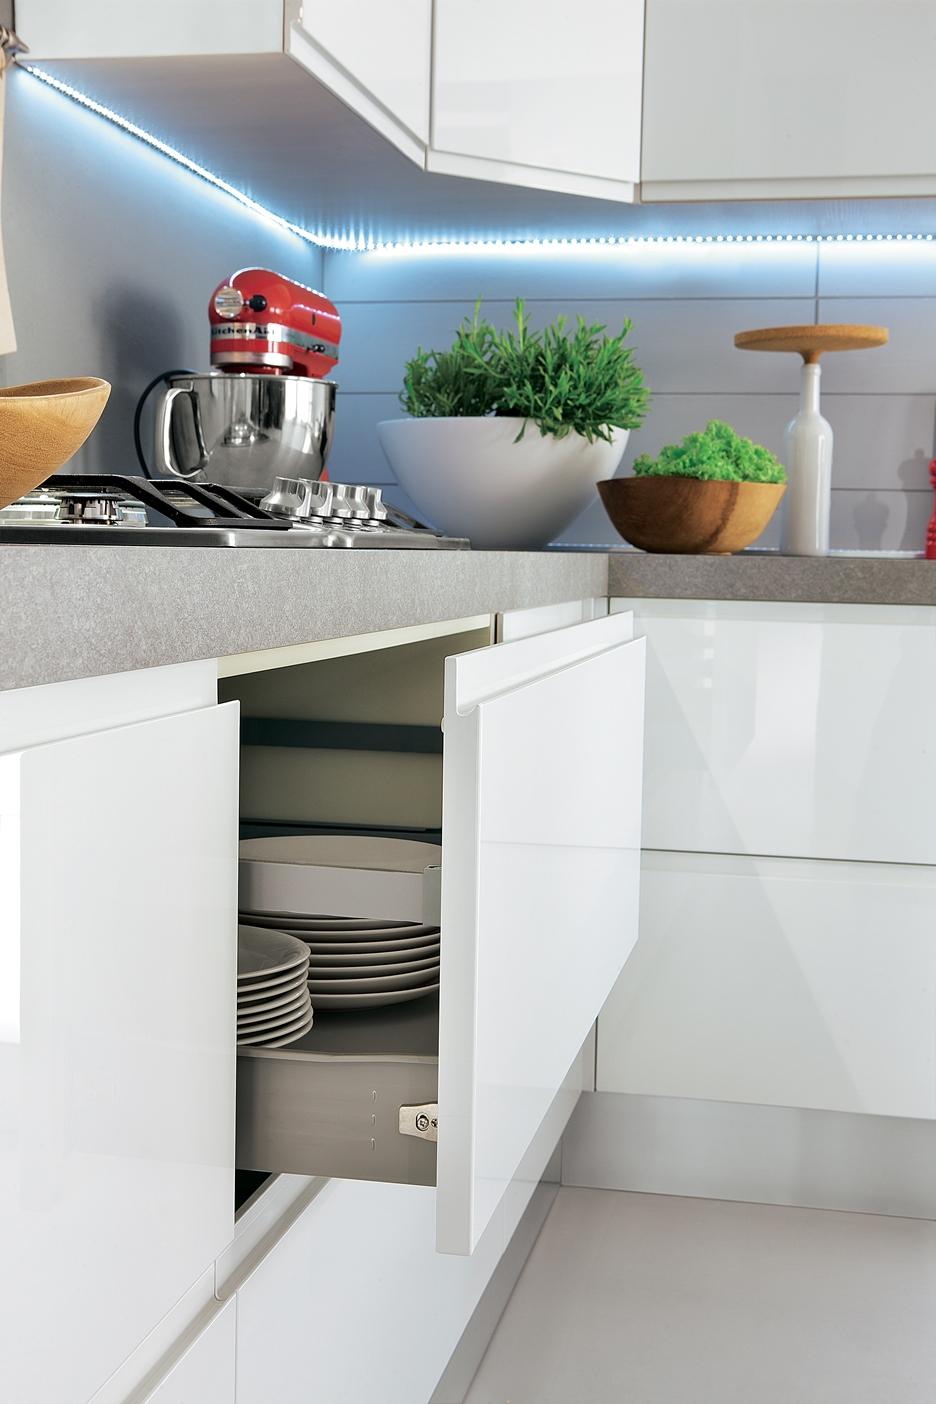 Perfect mobili mondo convenienza cucine vovell com - Mondo convenienza misure cucine ...